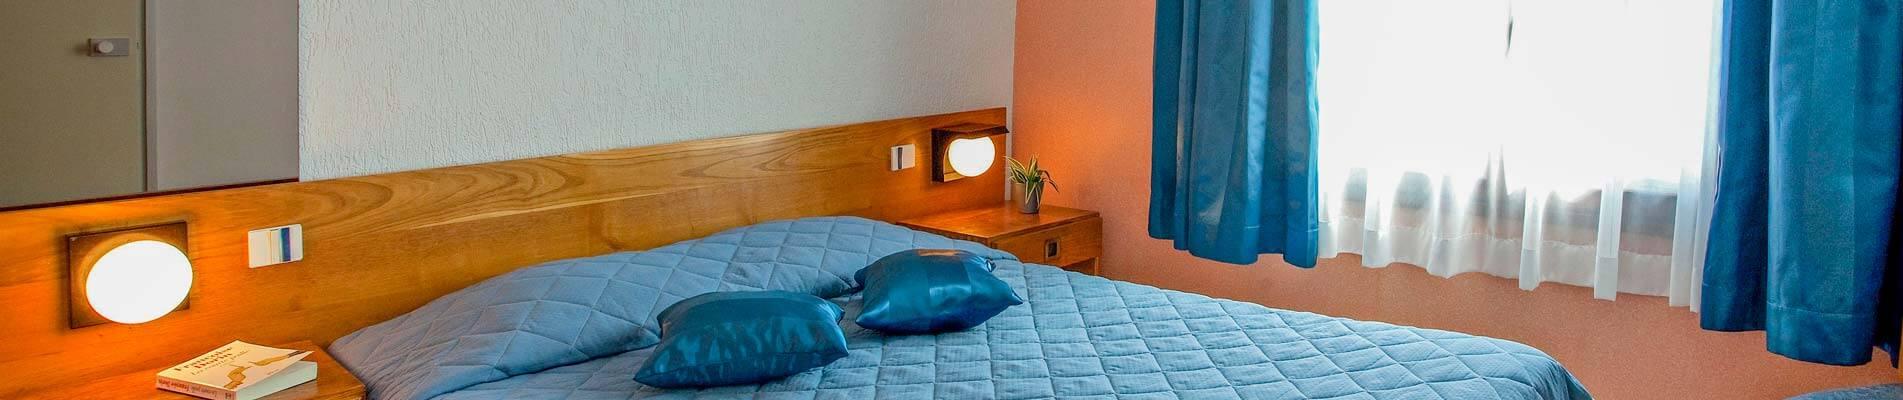 hotel avec appartement location ile de ré